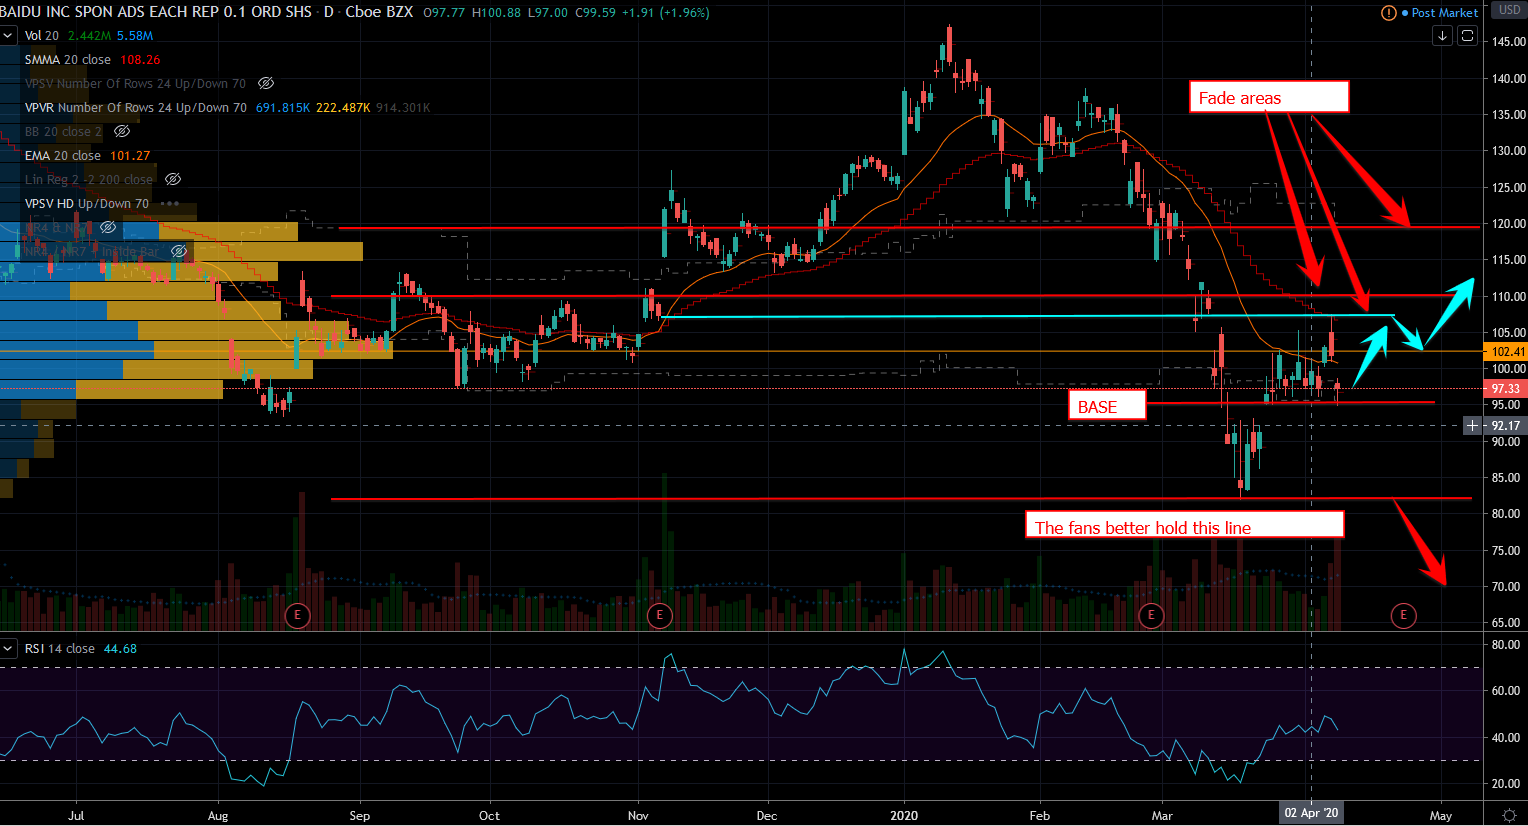 Chinese Stocks: Baidu Chart